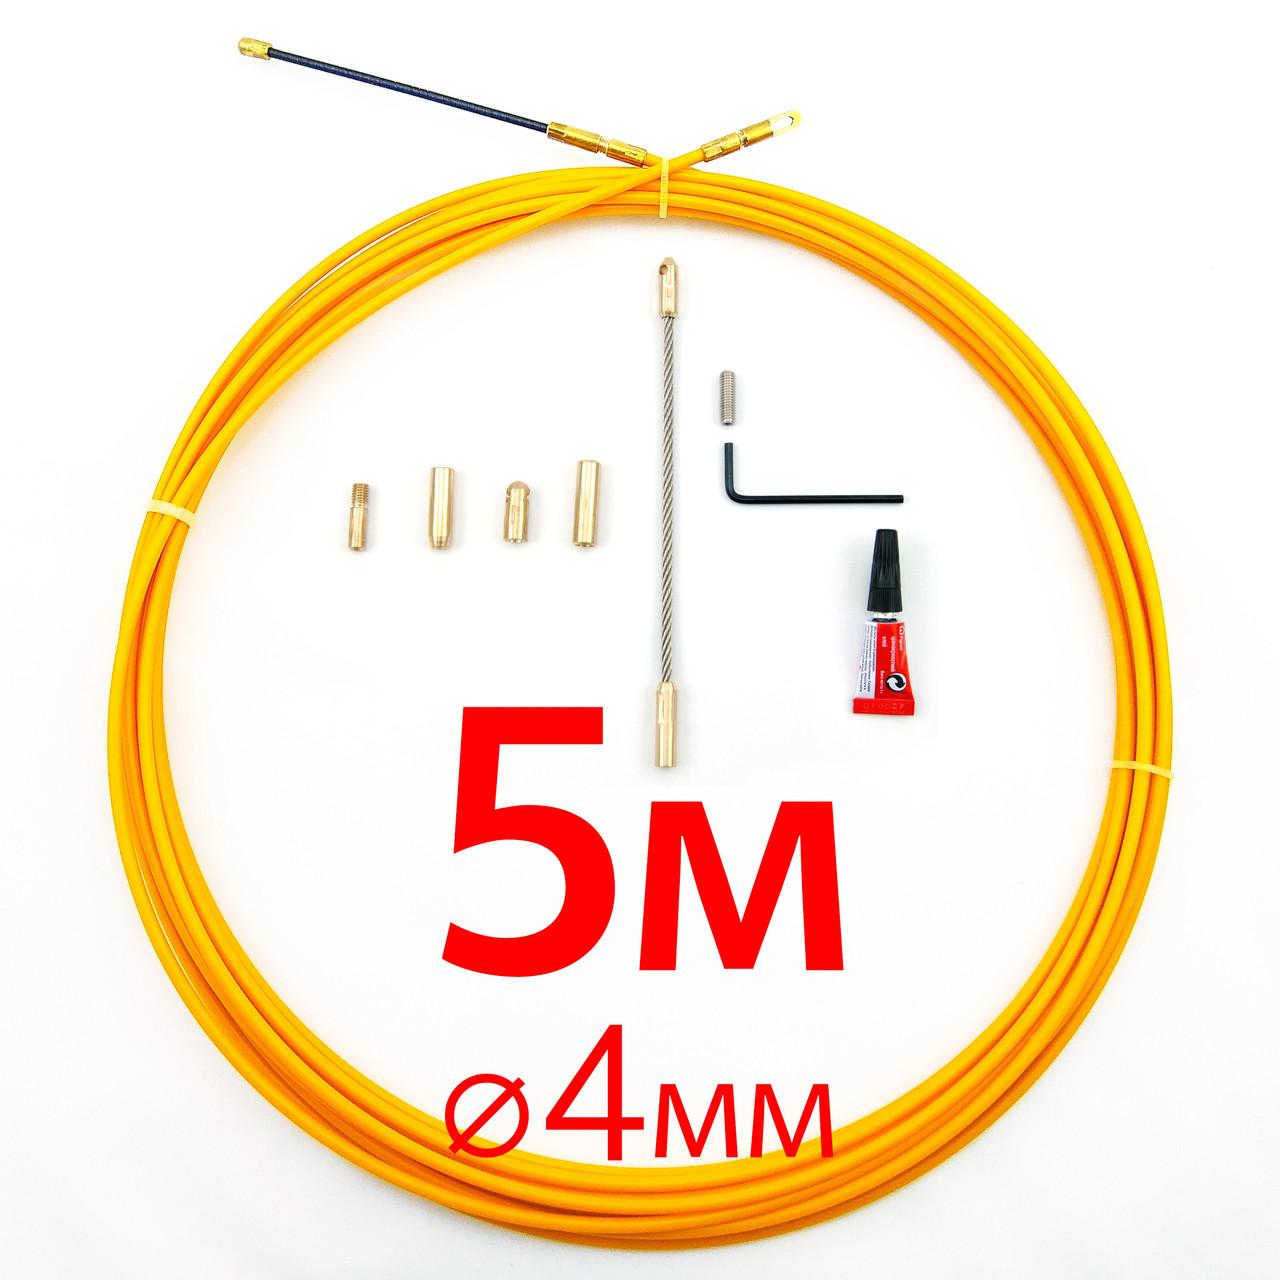 Кабельная протяжка, стеклопруток 4мм х 5м + 7 наконечников, протяжка для кабеля 5 метров, устройство затяжки